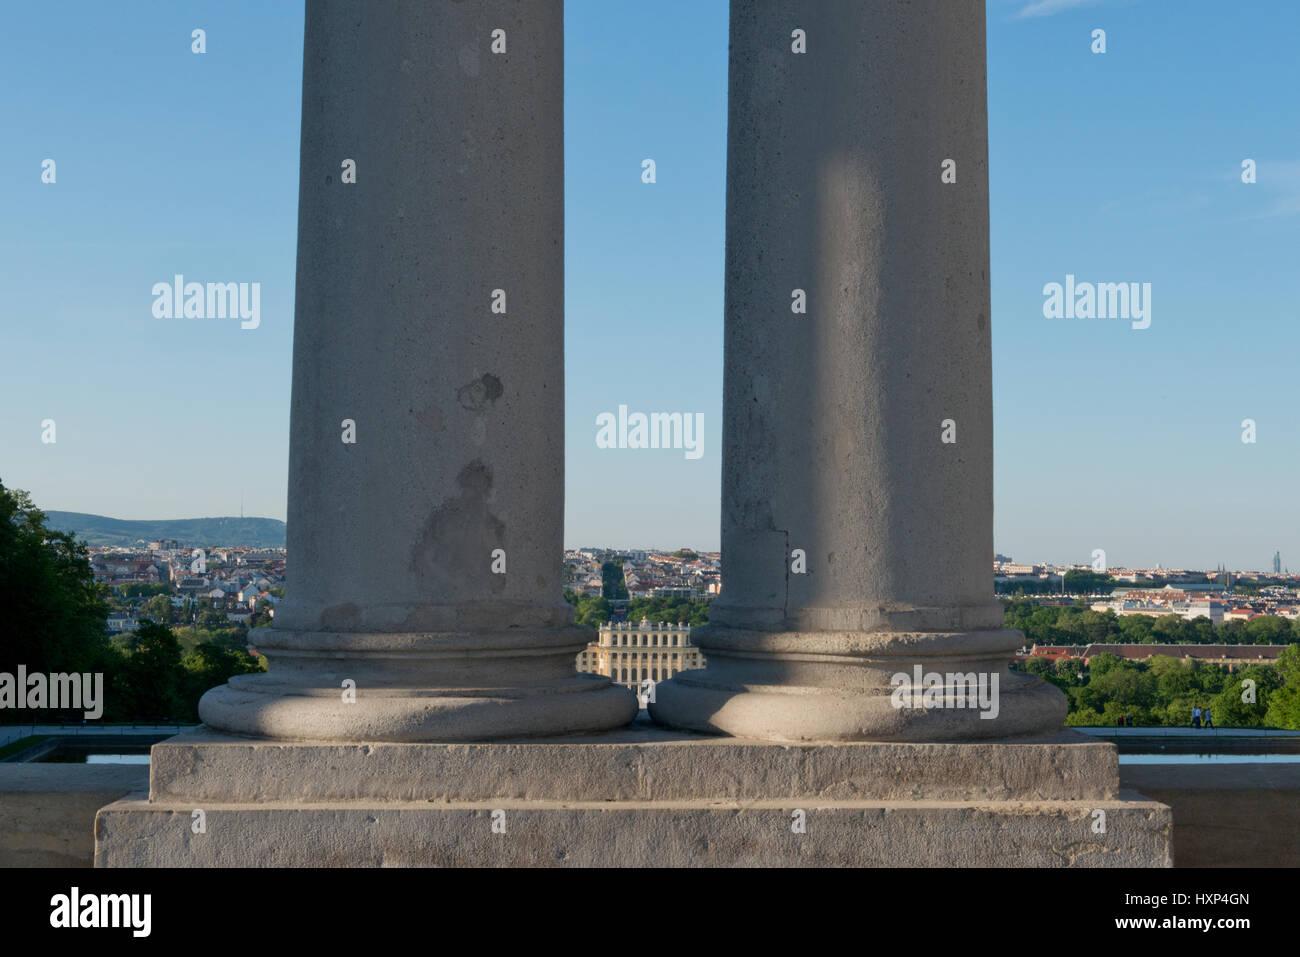 Schloss Schönbrunn durch die Säulen der Gloriette, Wien Österreich - Stock Image